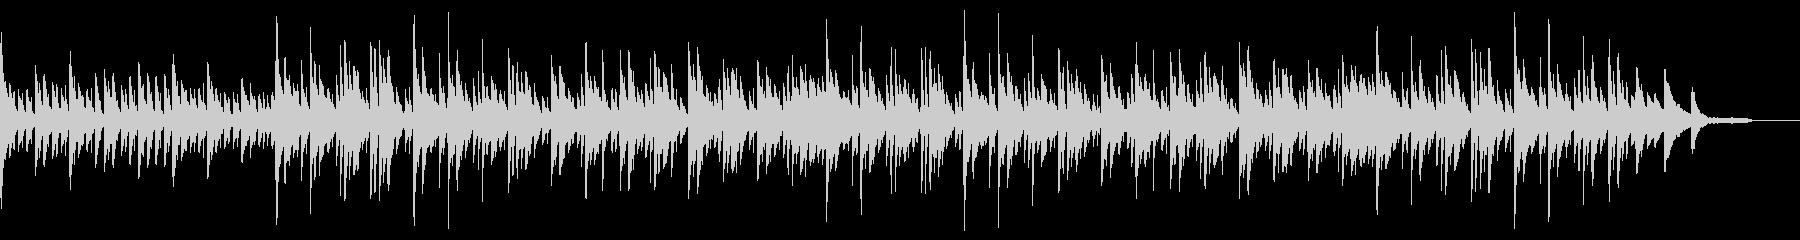 シンプルで穏やかなピアノBGMの未再生の波形